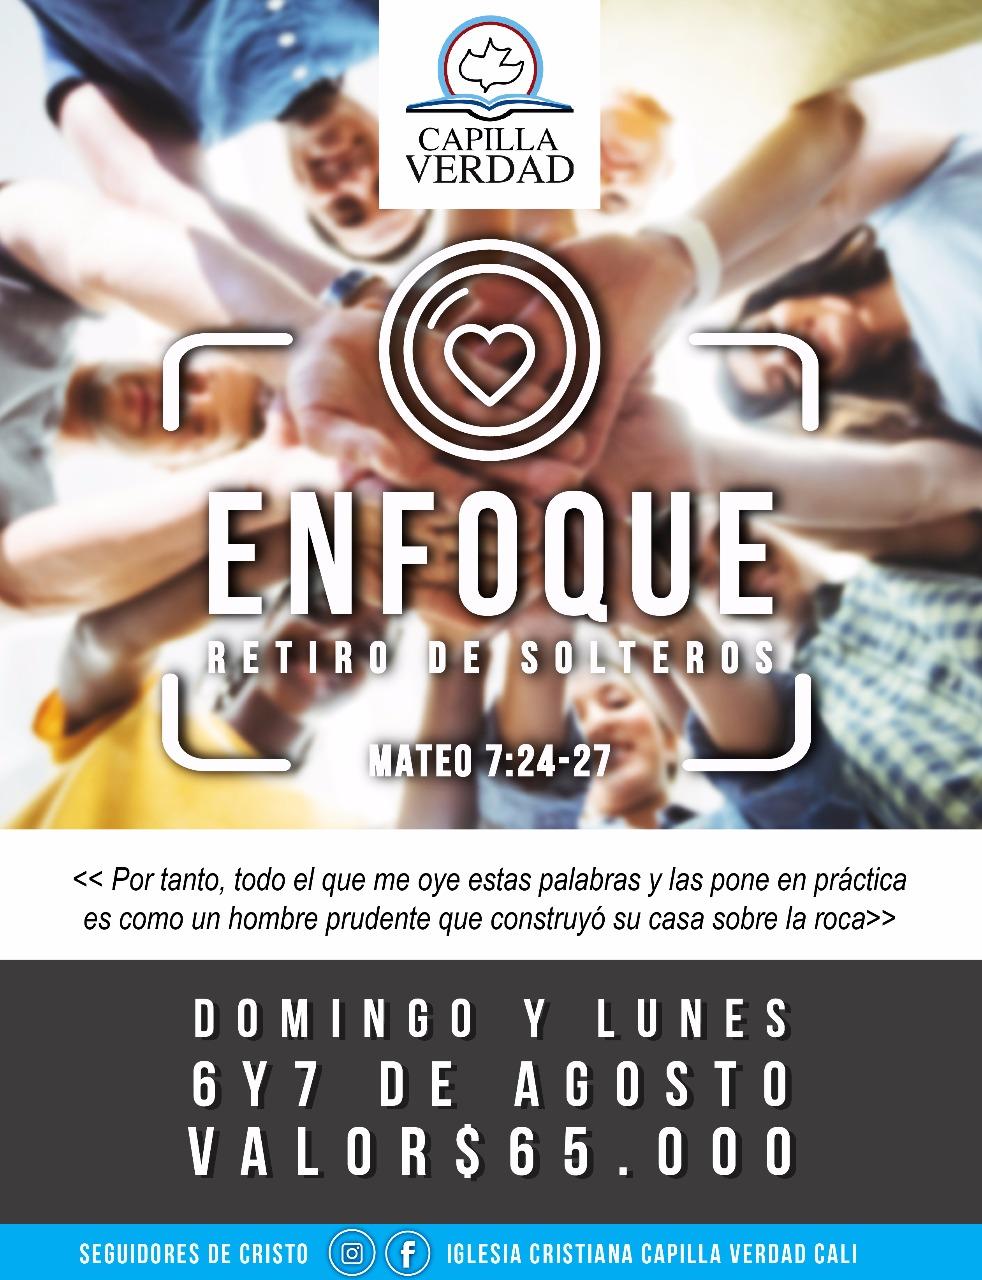 hombres solteros cristianos en colombia